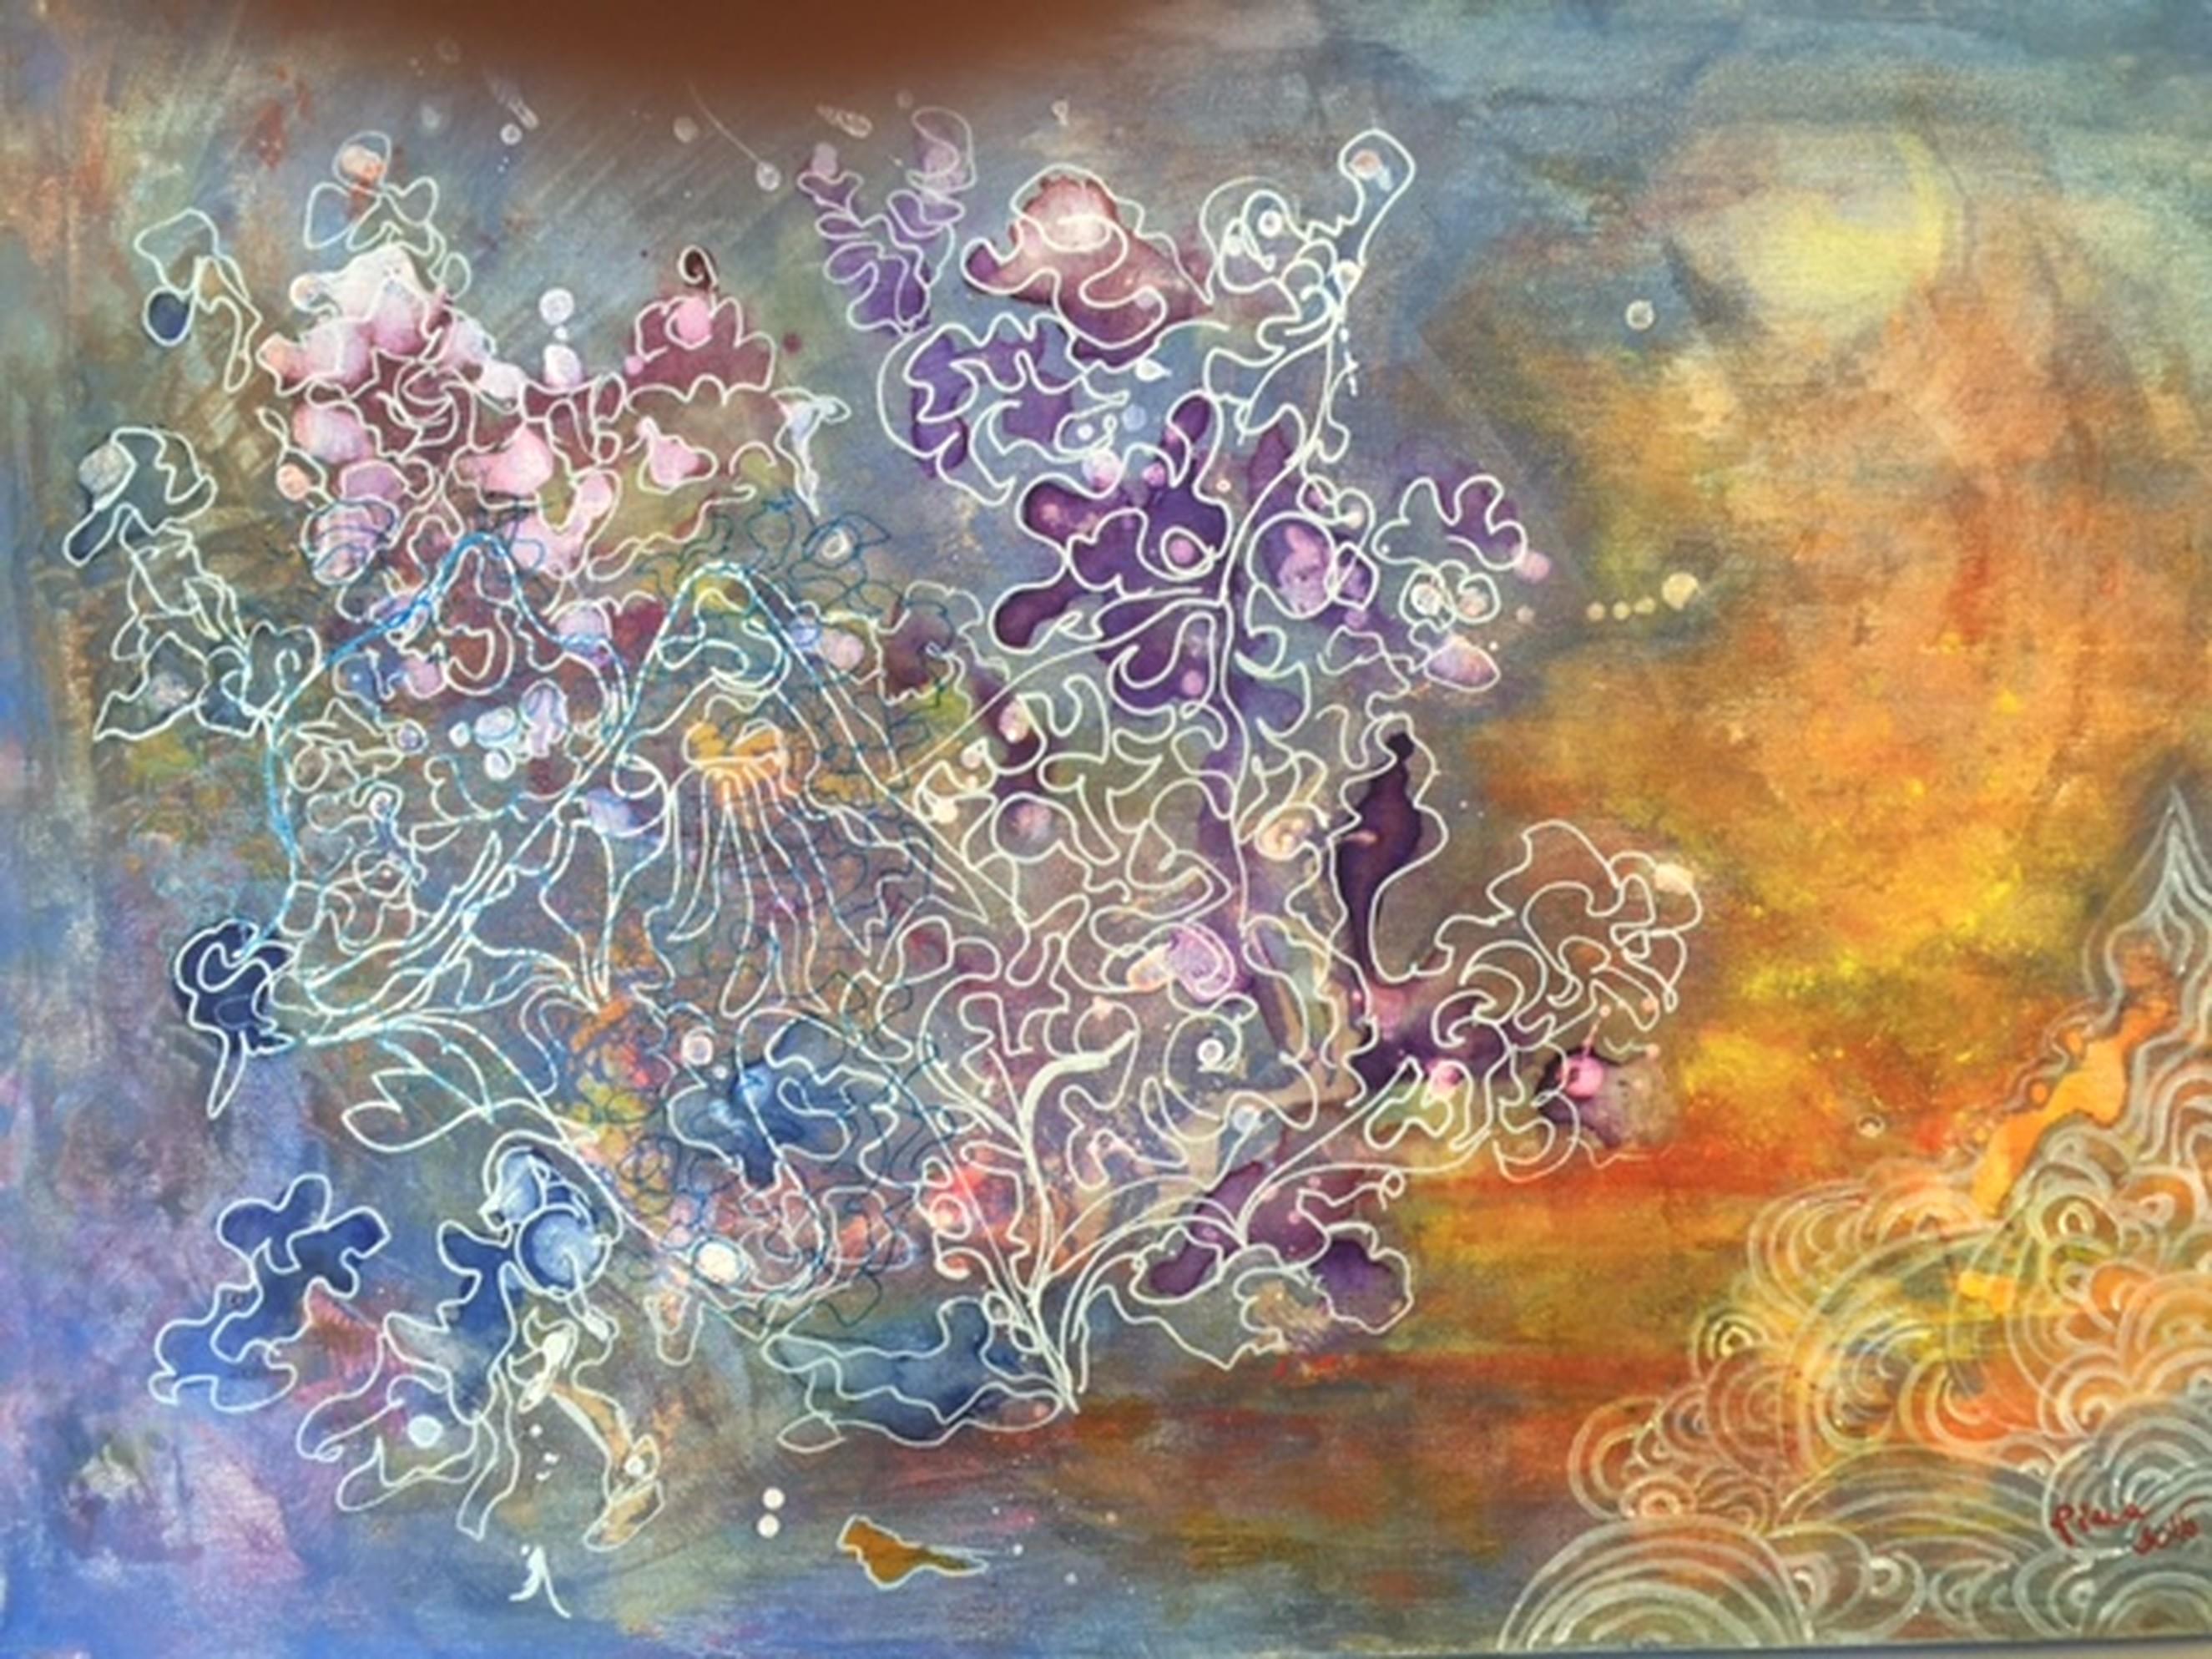 L'Angolo di Marta Lock: La delicatezza dell'indefinito nelle armoniose opere di Piera Bachiocco